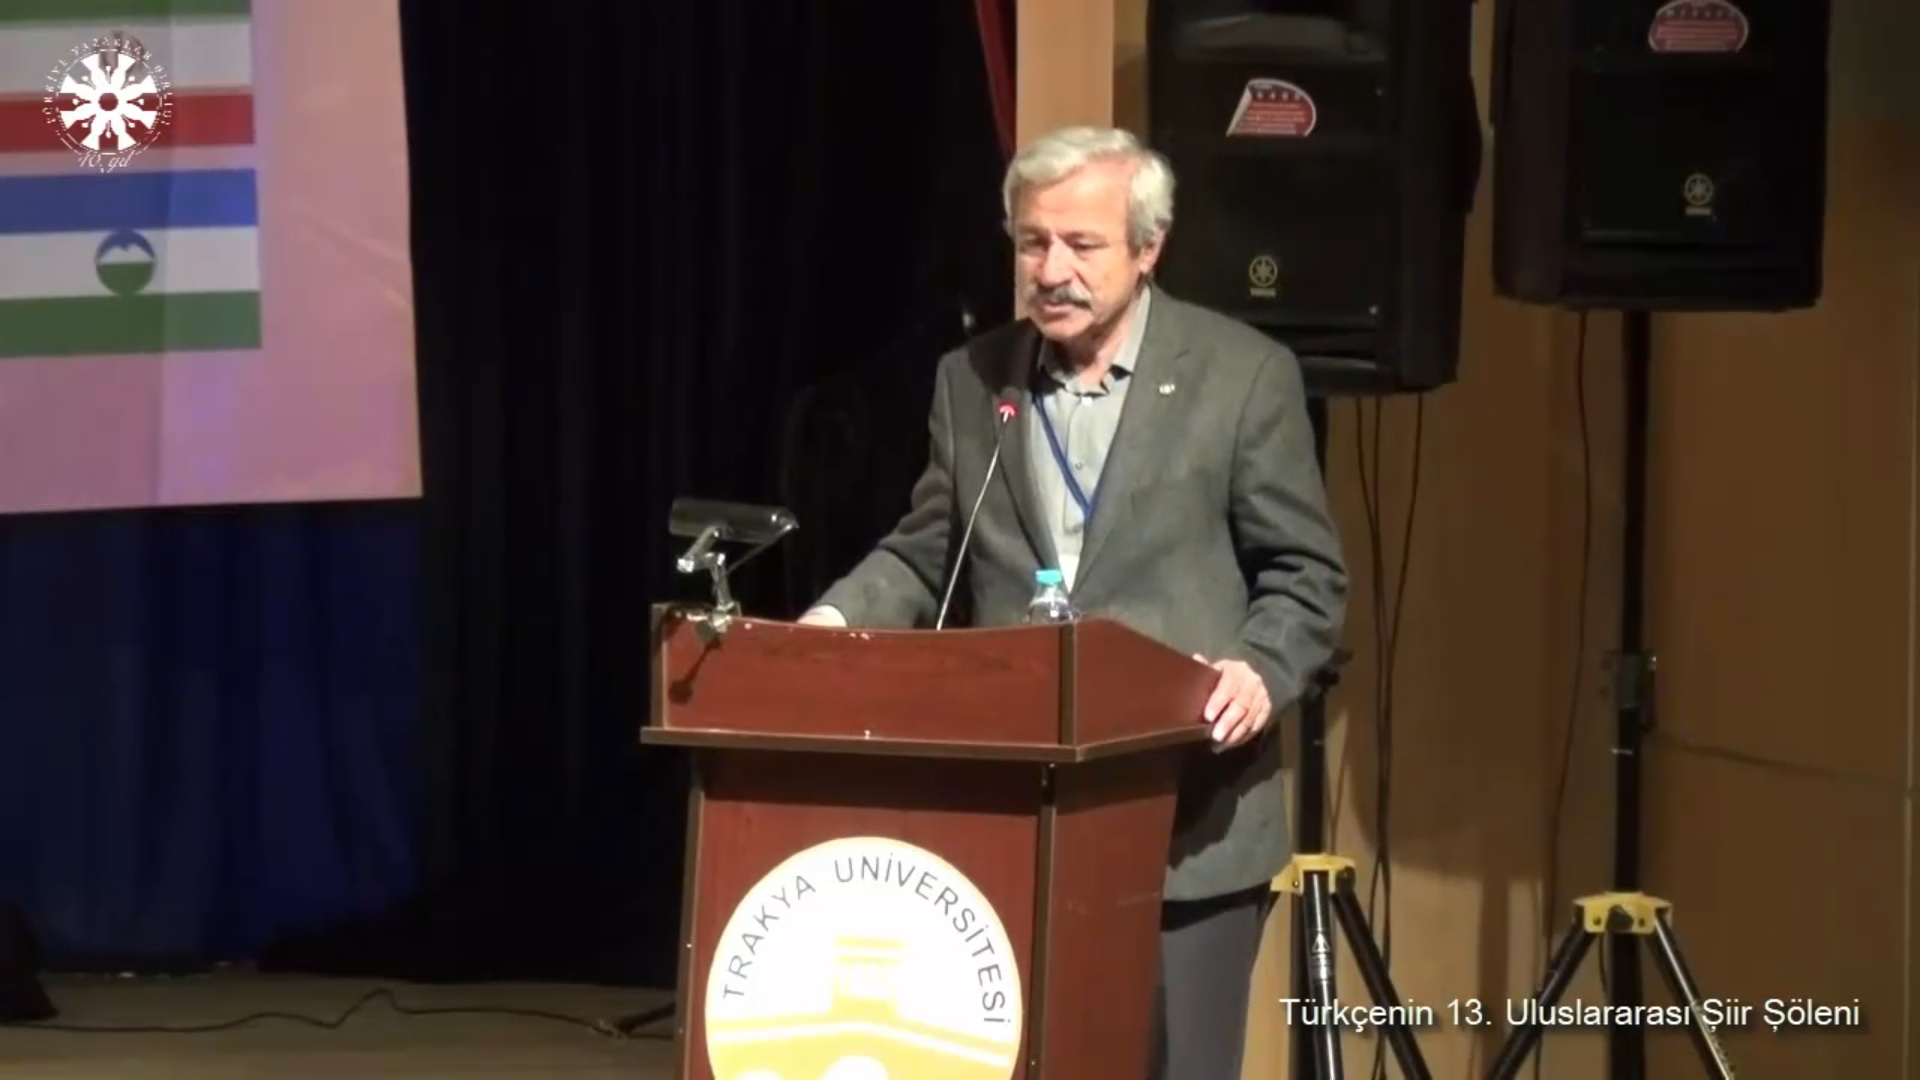 D. Mehmet Doğan: Şiir sözü kanatlandırır, düşünceyi zenginleştirir